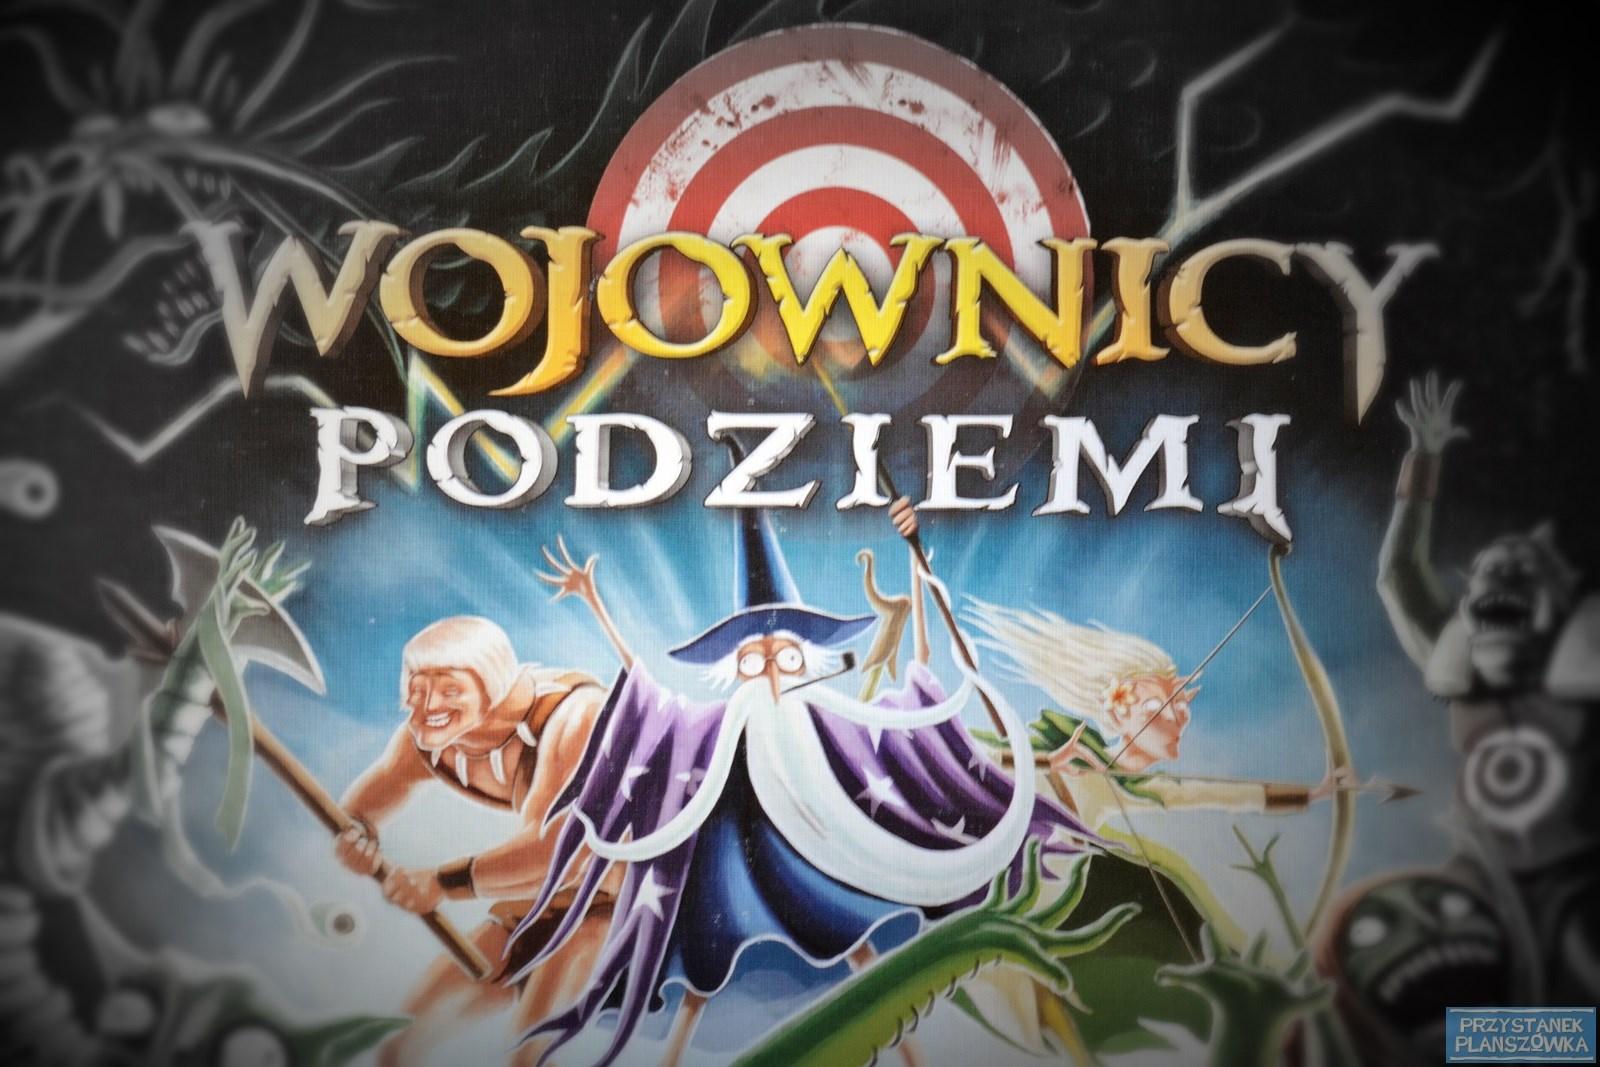 Wojownicy Podziemi / fot. Przystanek Planszówka